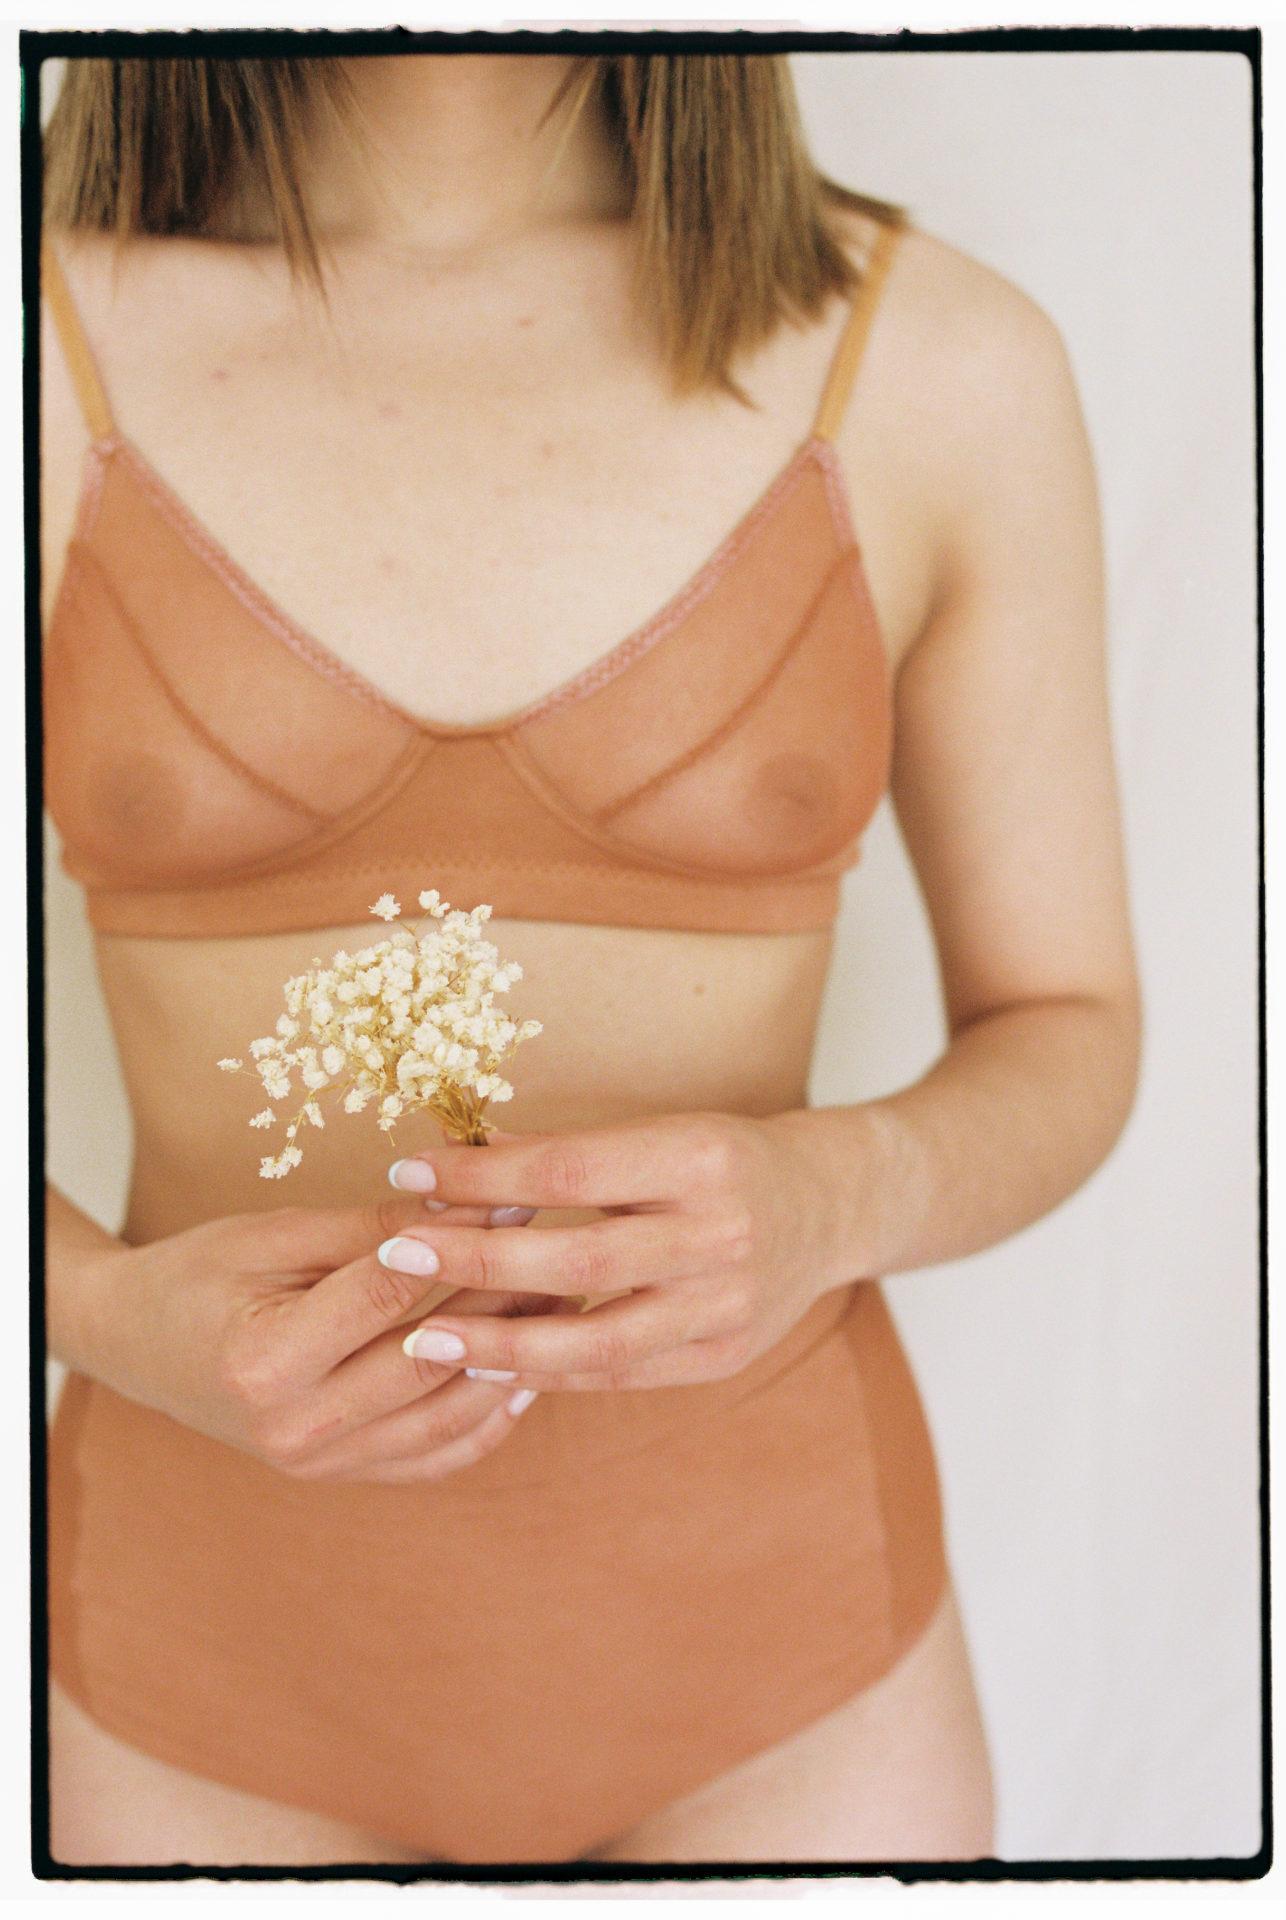 Photo lingerie tons naturels avec une fleur séché blanche